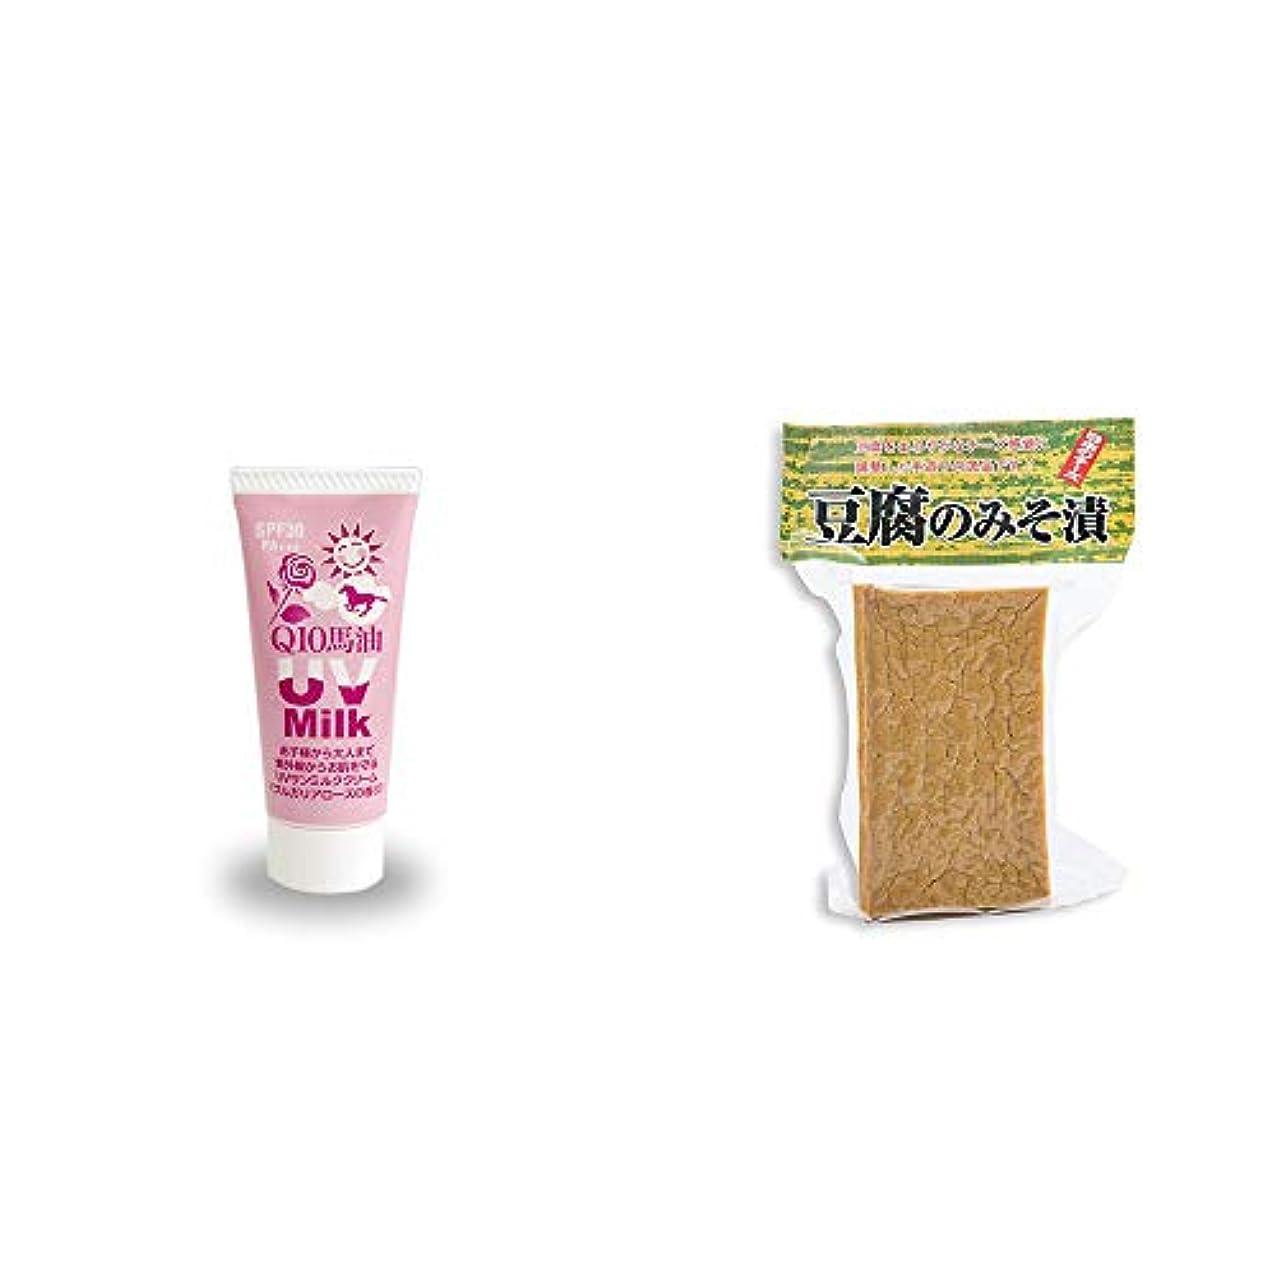 拡張比較的極小[2点セット] 炭黒泉 Q10馬油 UVサンミルク[ブルガリアローズ](40g)?日本のチーズ 豆腐のみそ漬(1個入)